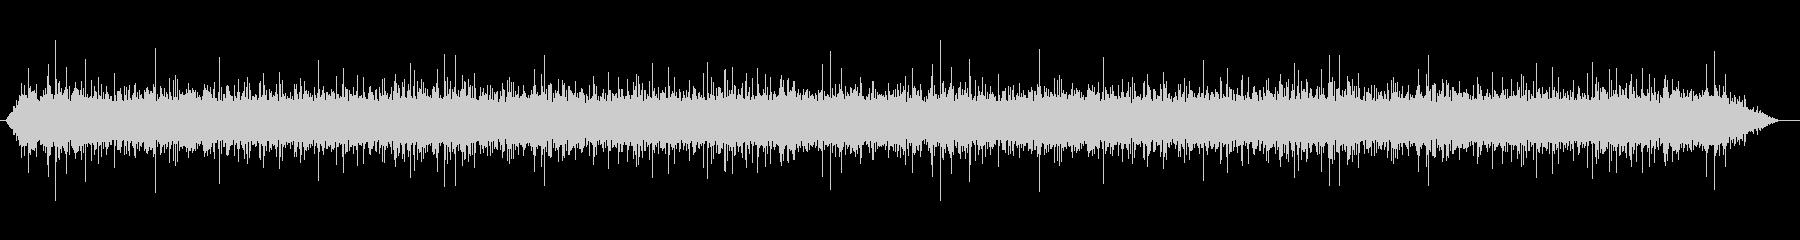 機械音 01の未再生の波形